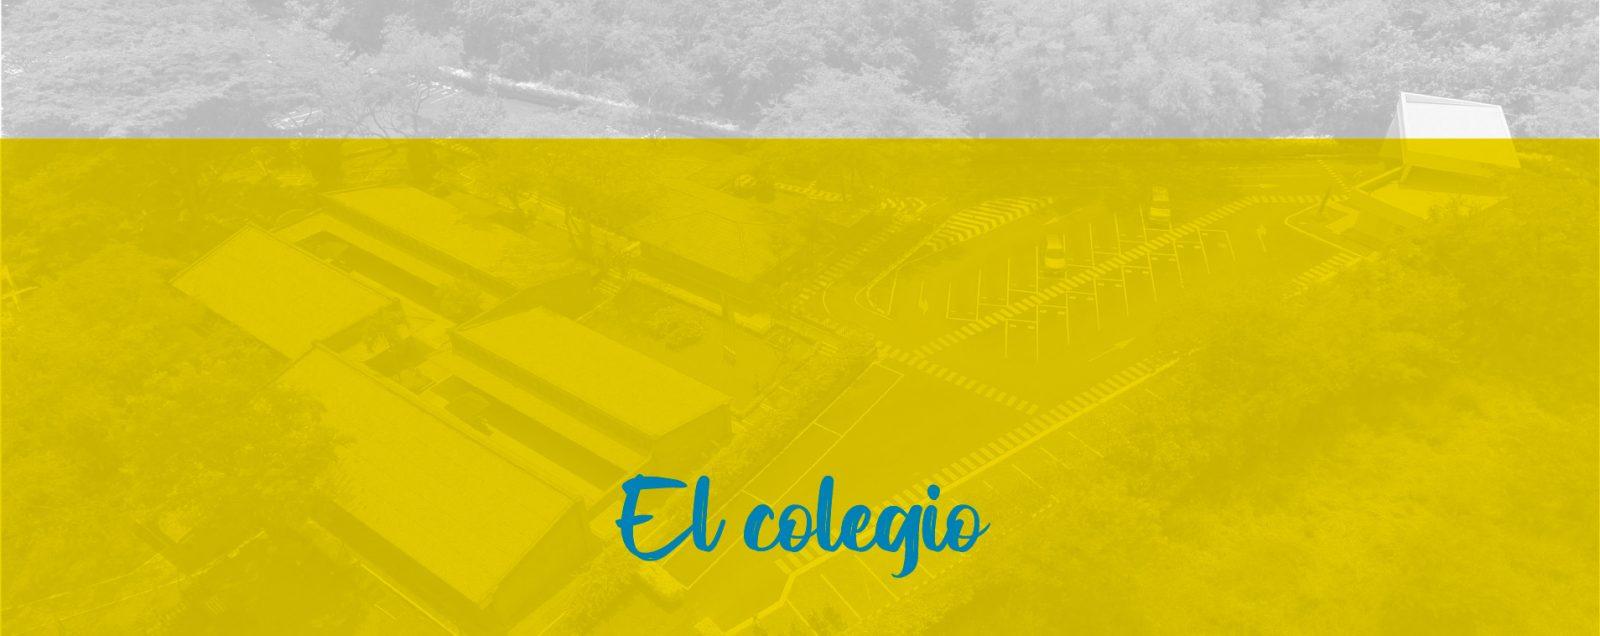 canaverales_el-colegio-f